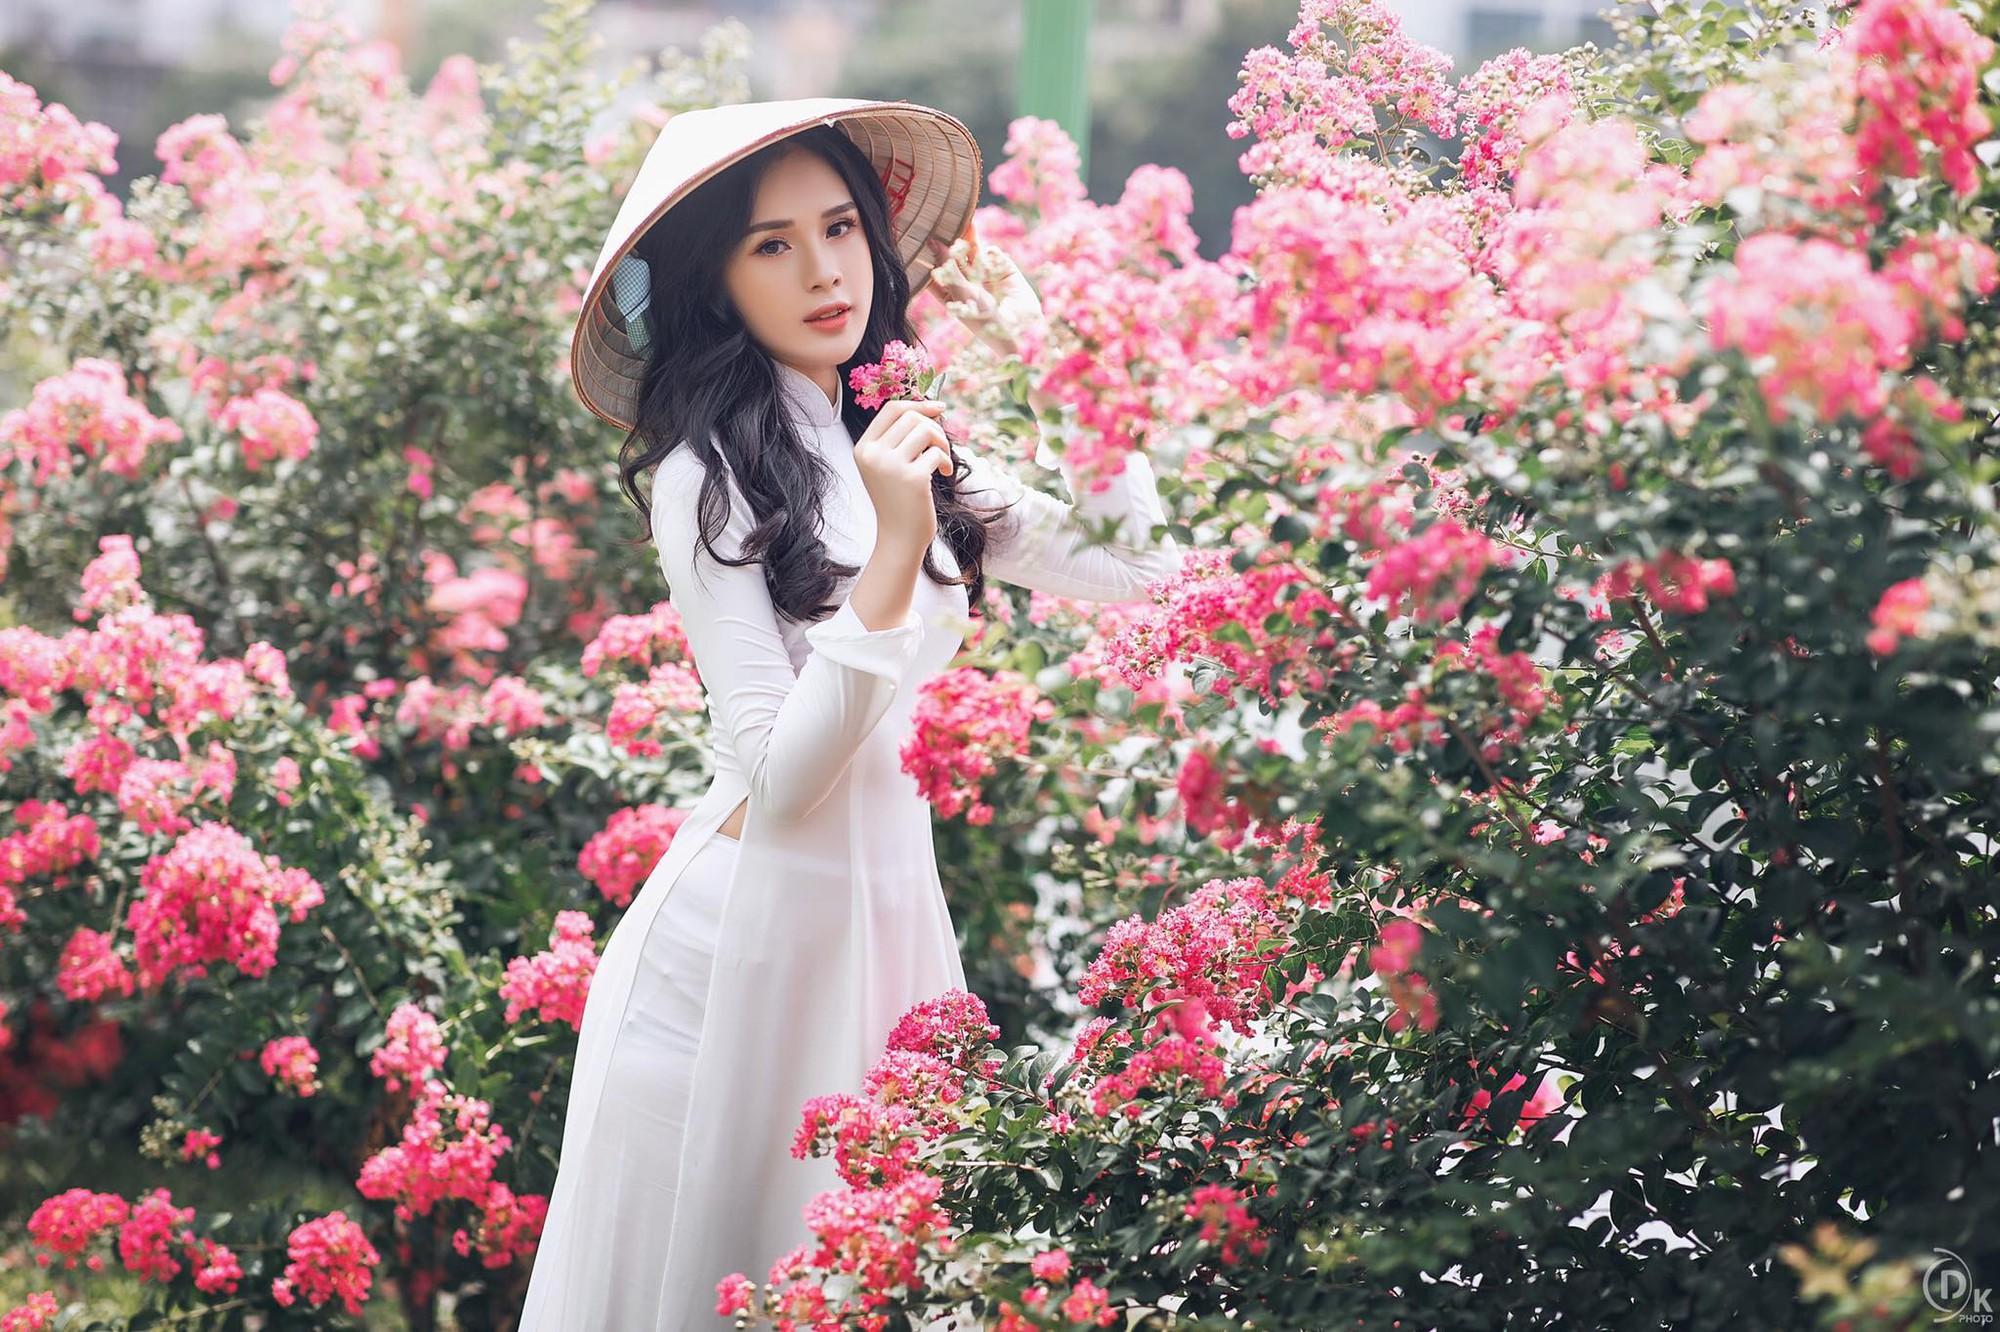 Người đẹp gây sốc với phát ngôn thi hoa hậu để kiếm nhiều tiền như Phạm Hương là bạn gái mới của Trọng Đại? - Ảnh 12.